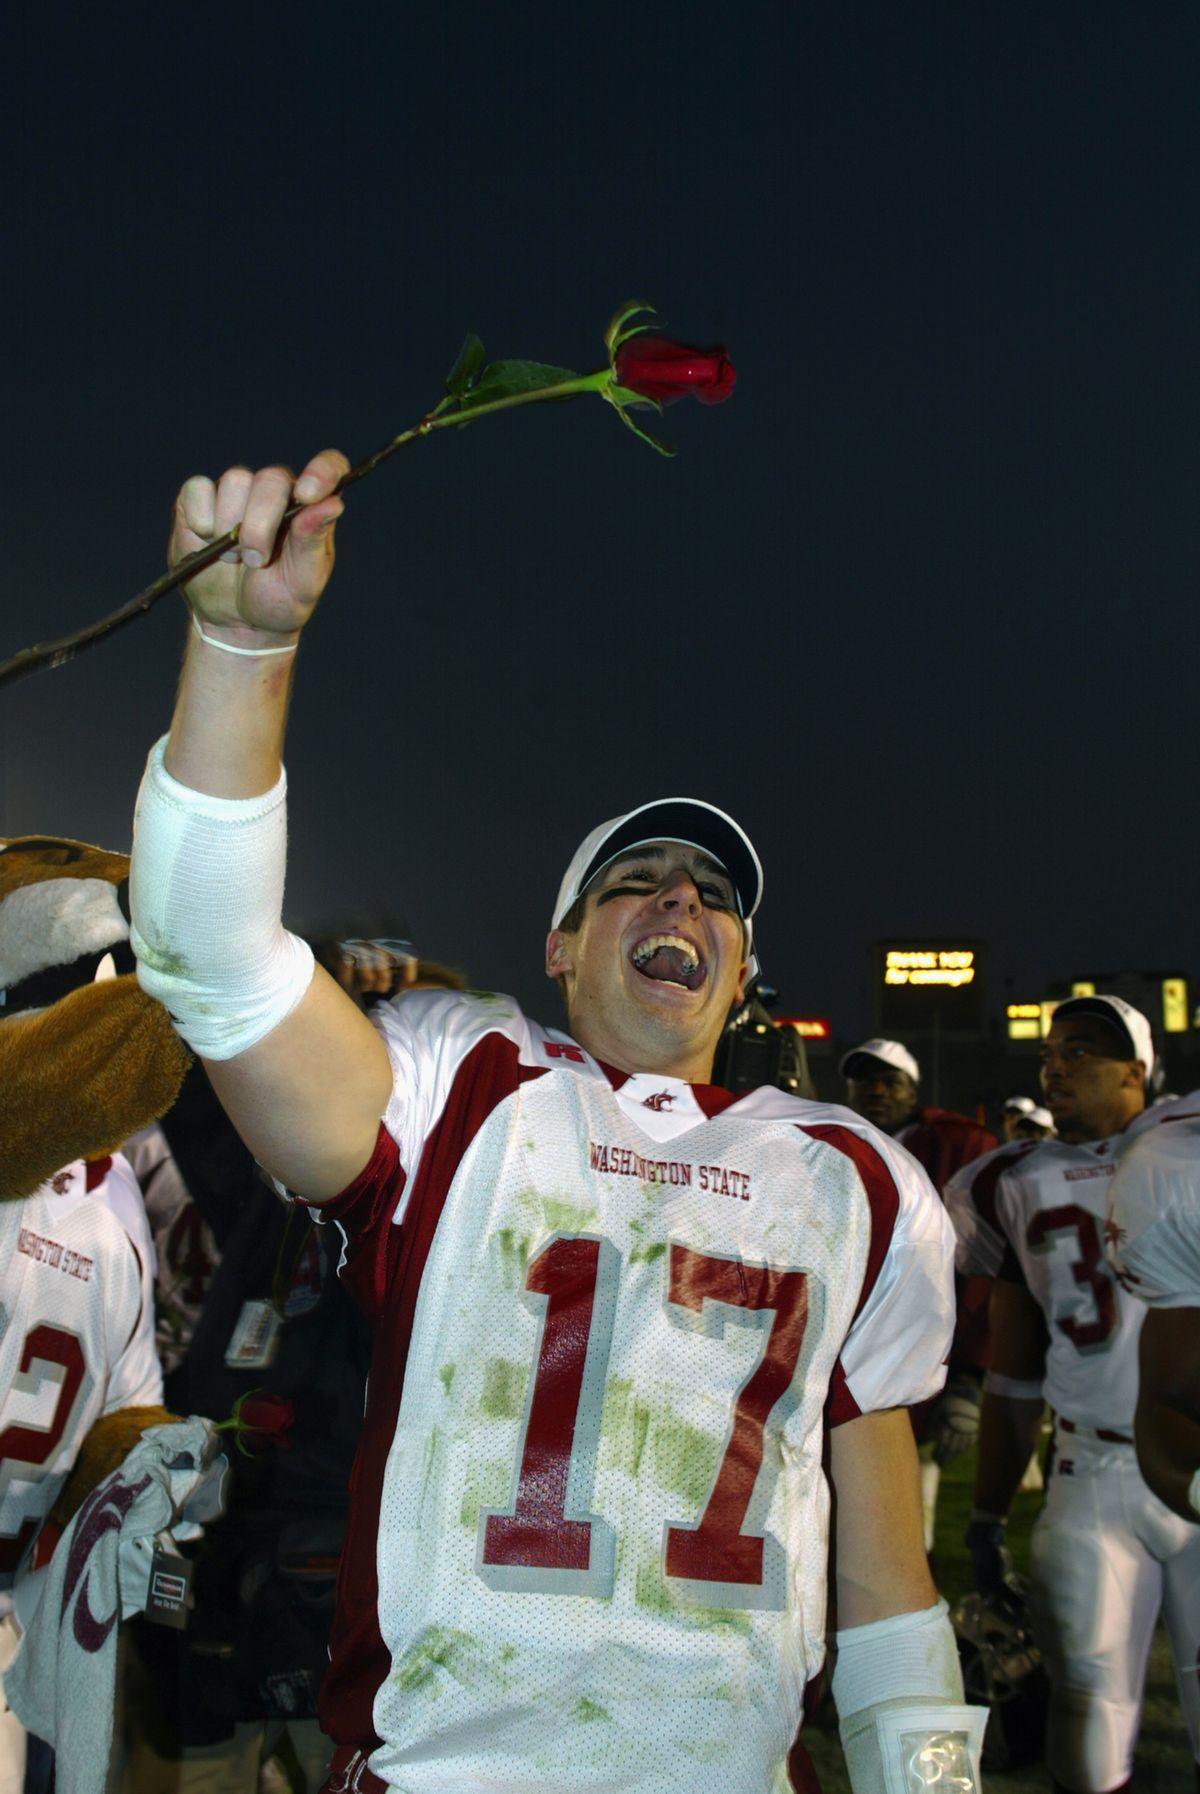 Jason Gesser holds a rose